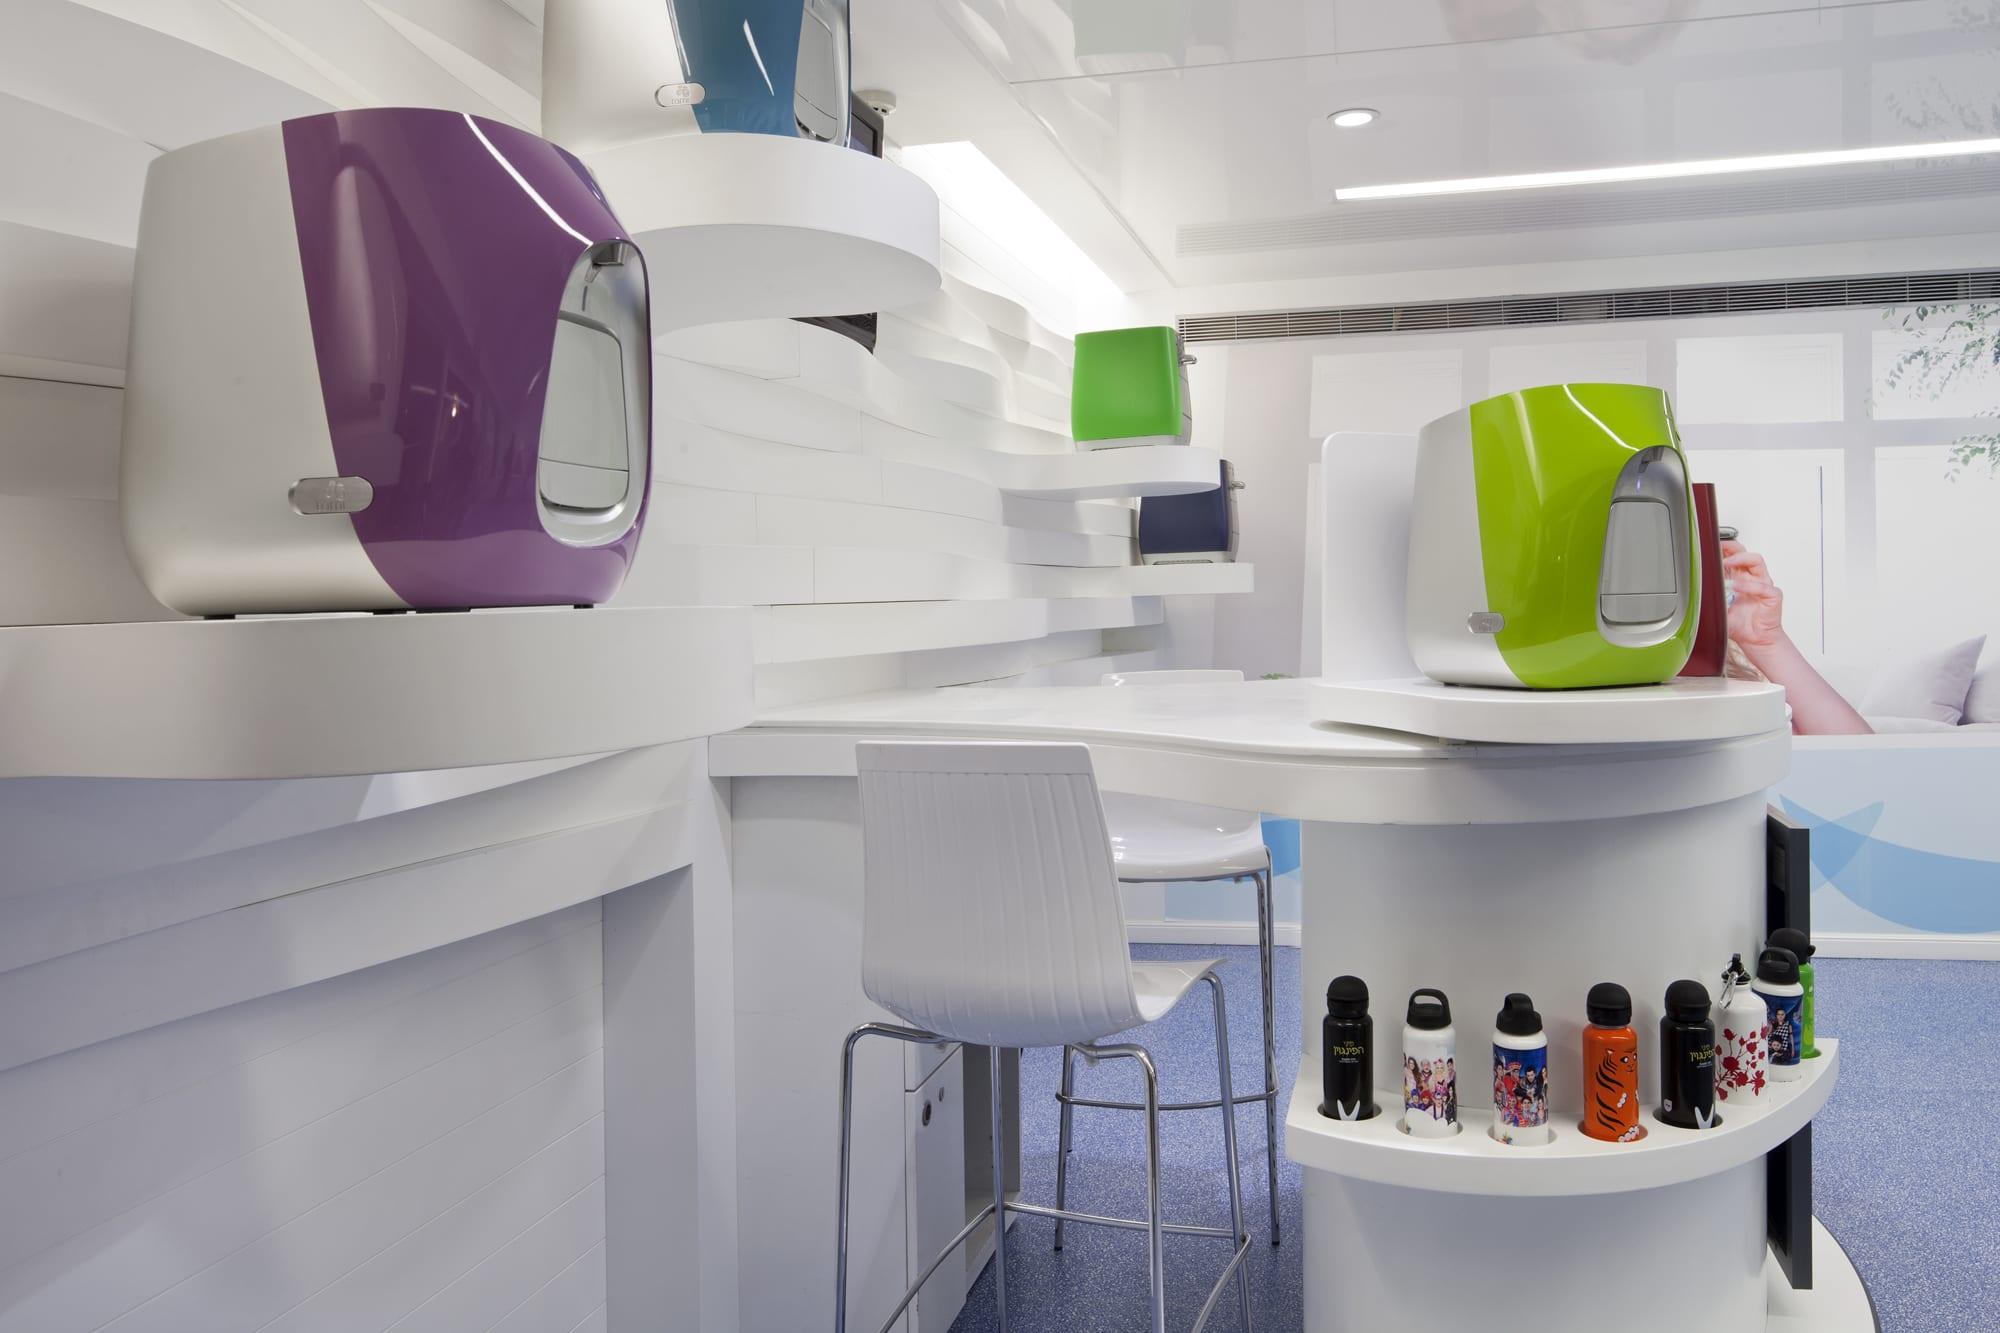 עיצוב משרדים מודרניים - חברת תמי 4